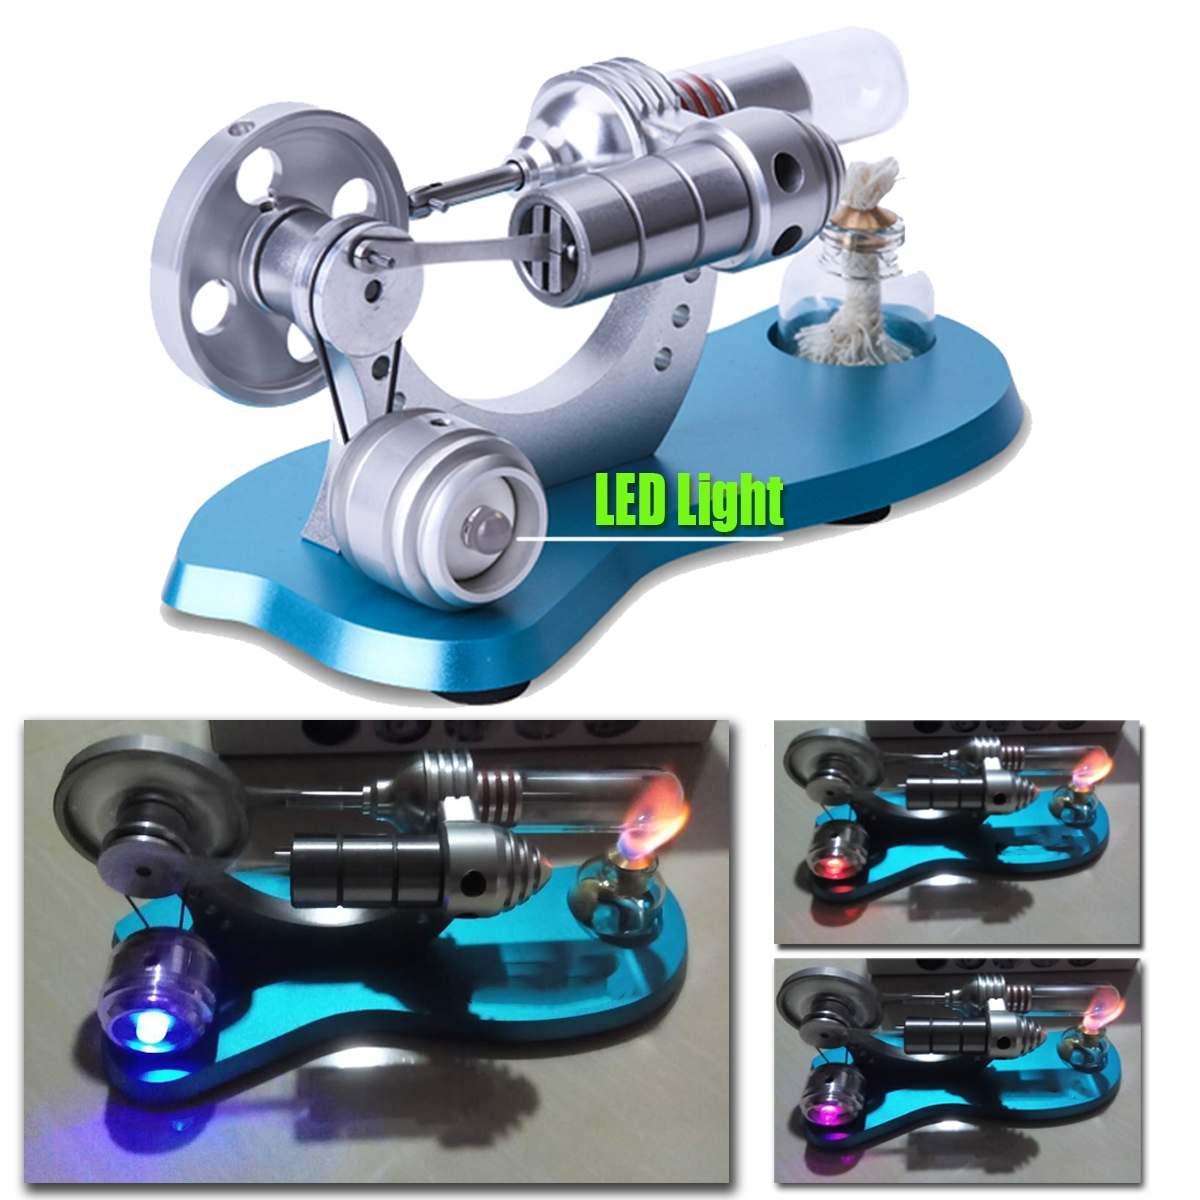 Mini Kit de jouet éducatif de puissance de vapeur de modèle de moteur de moteur d'agitation d'air chaud avec le lumière LED pour des enfants adultes